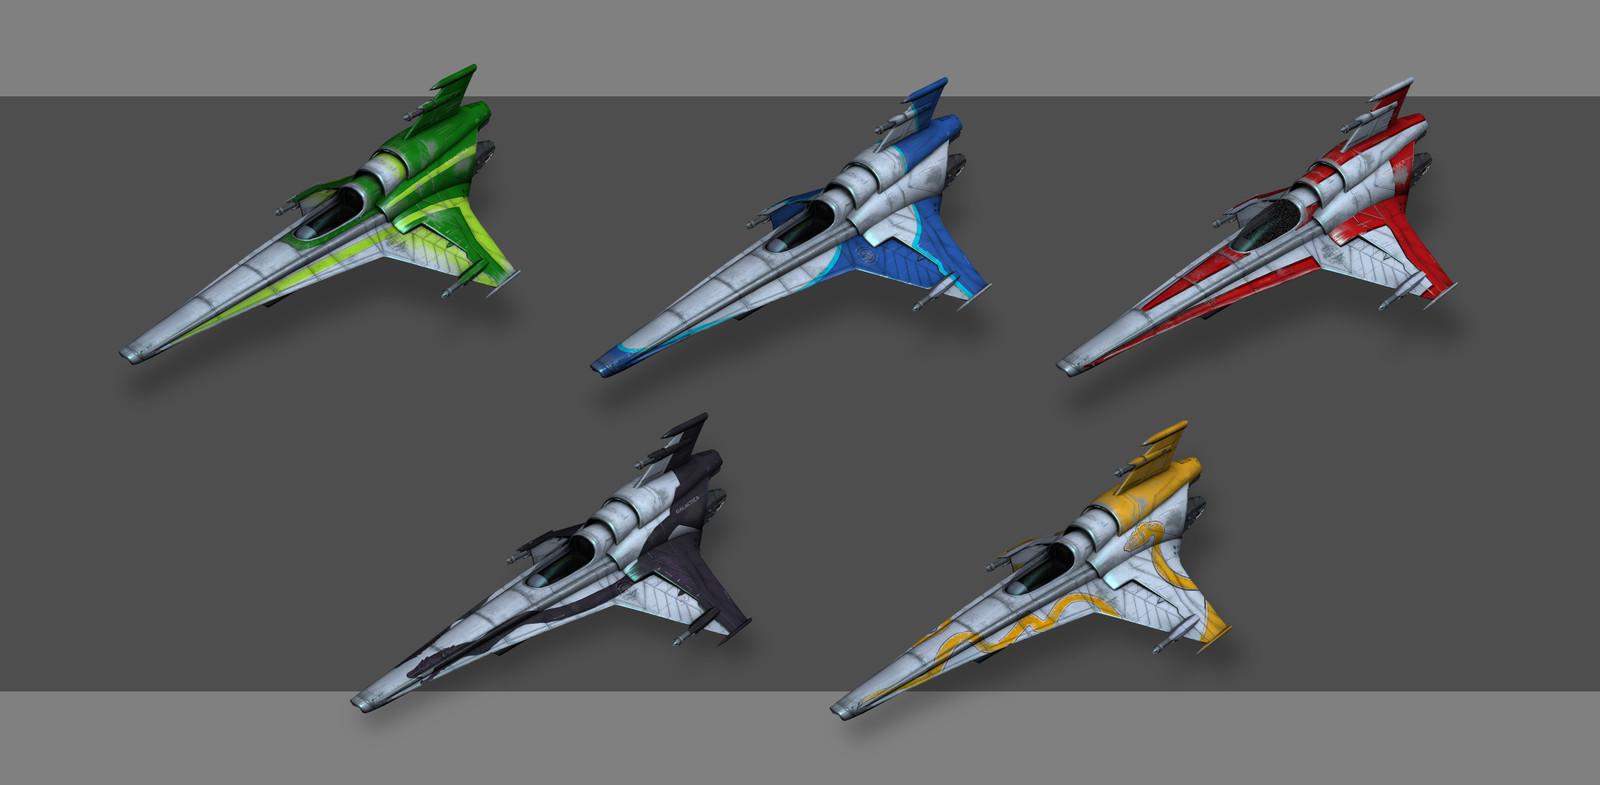 Viper MK 7 Variations